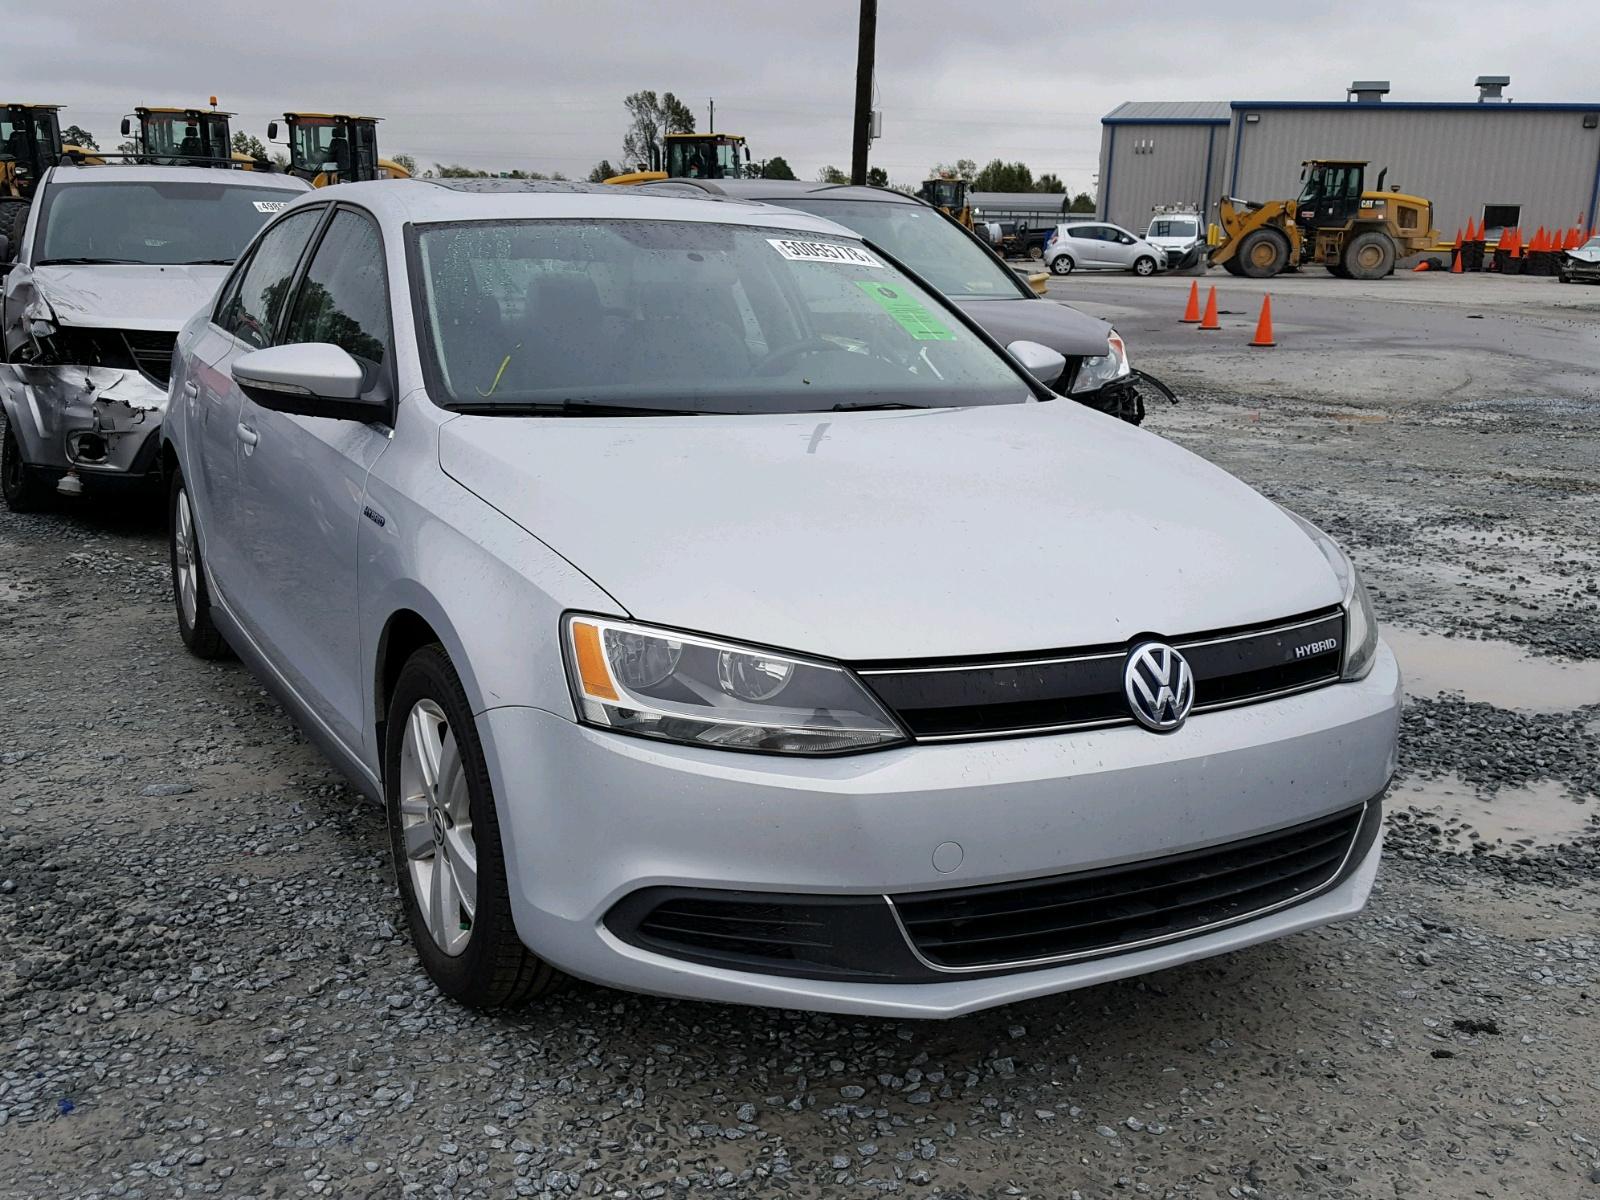 Salvage 2013 Volkswagen JETTA HYBRID for sale